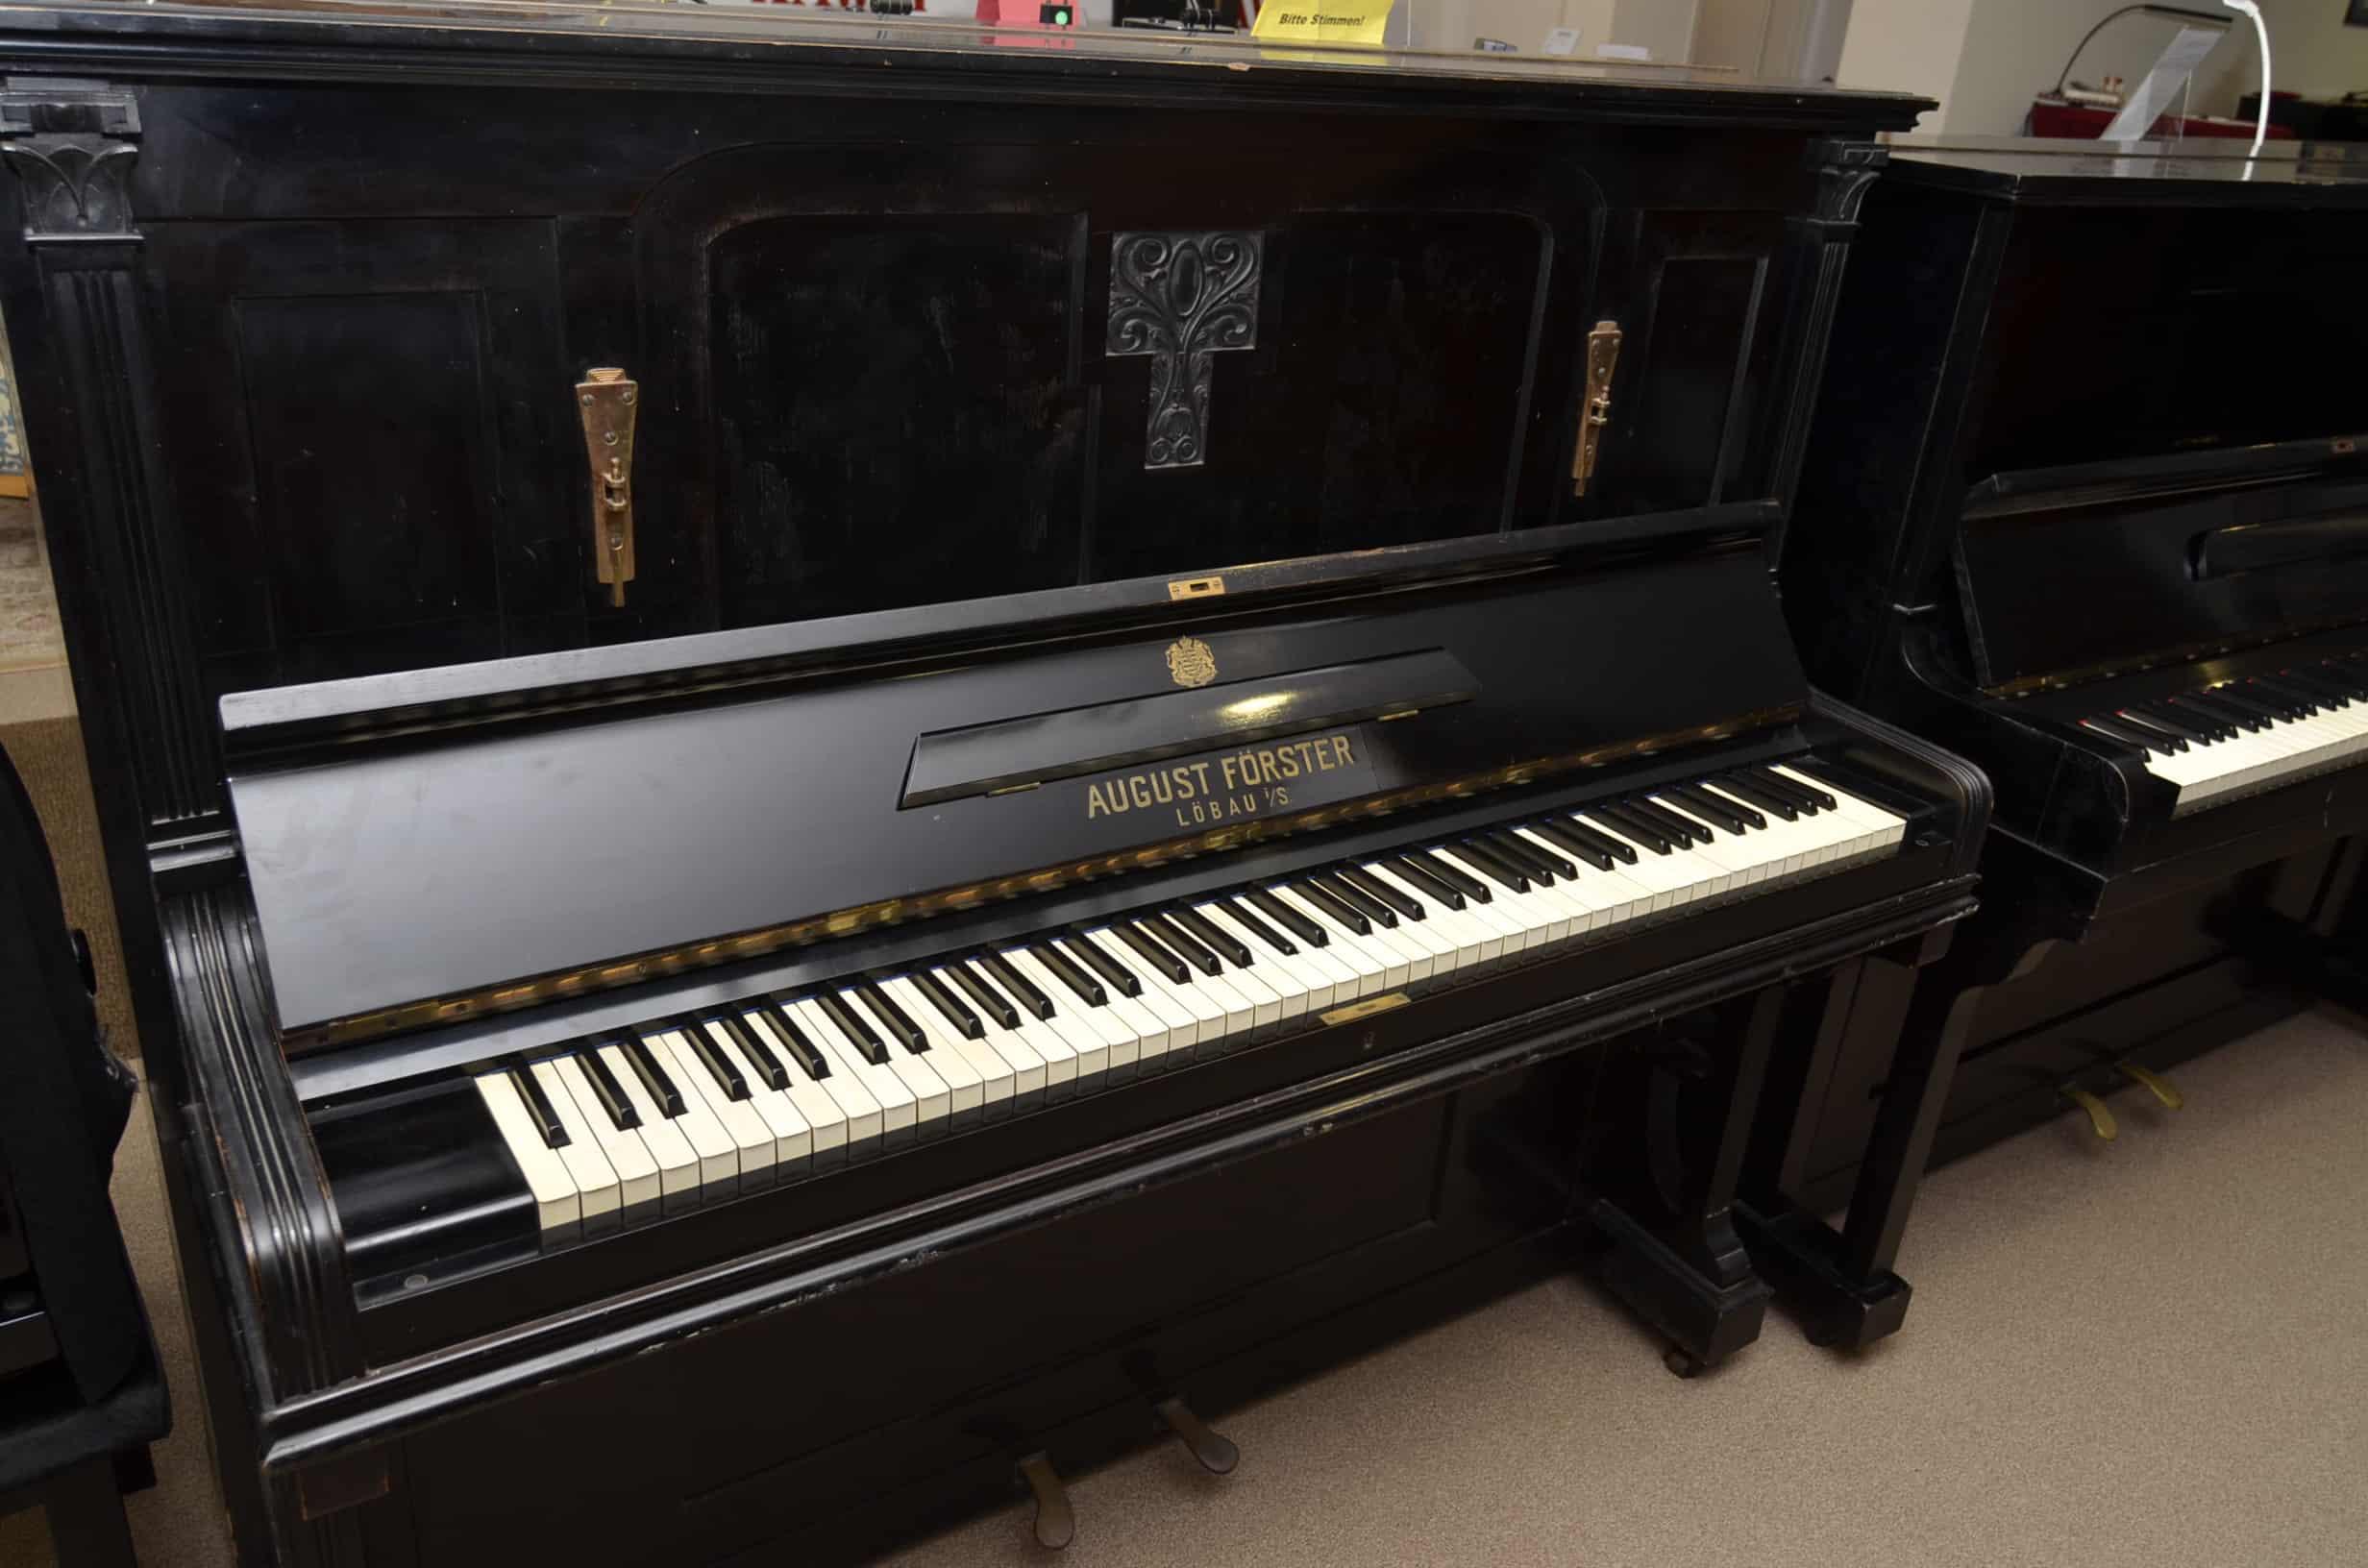 August Förster Klavier 137